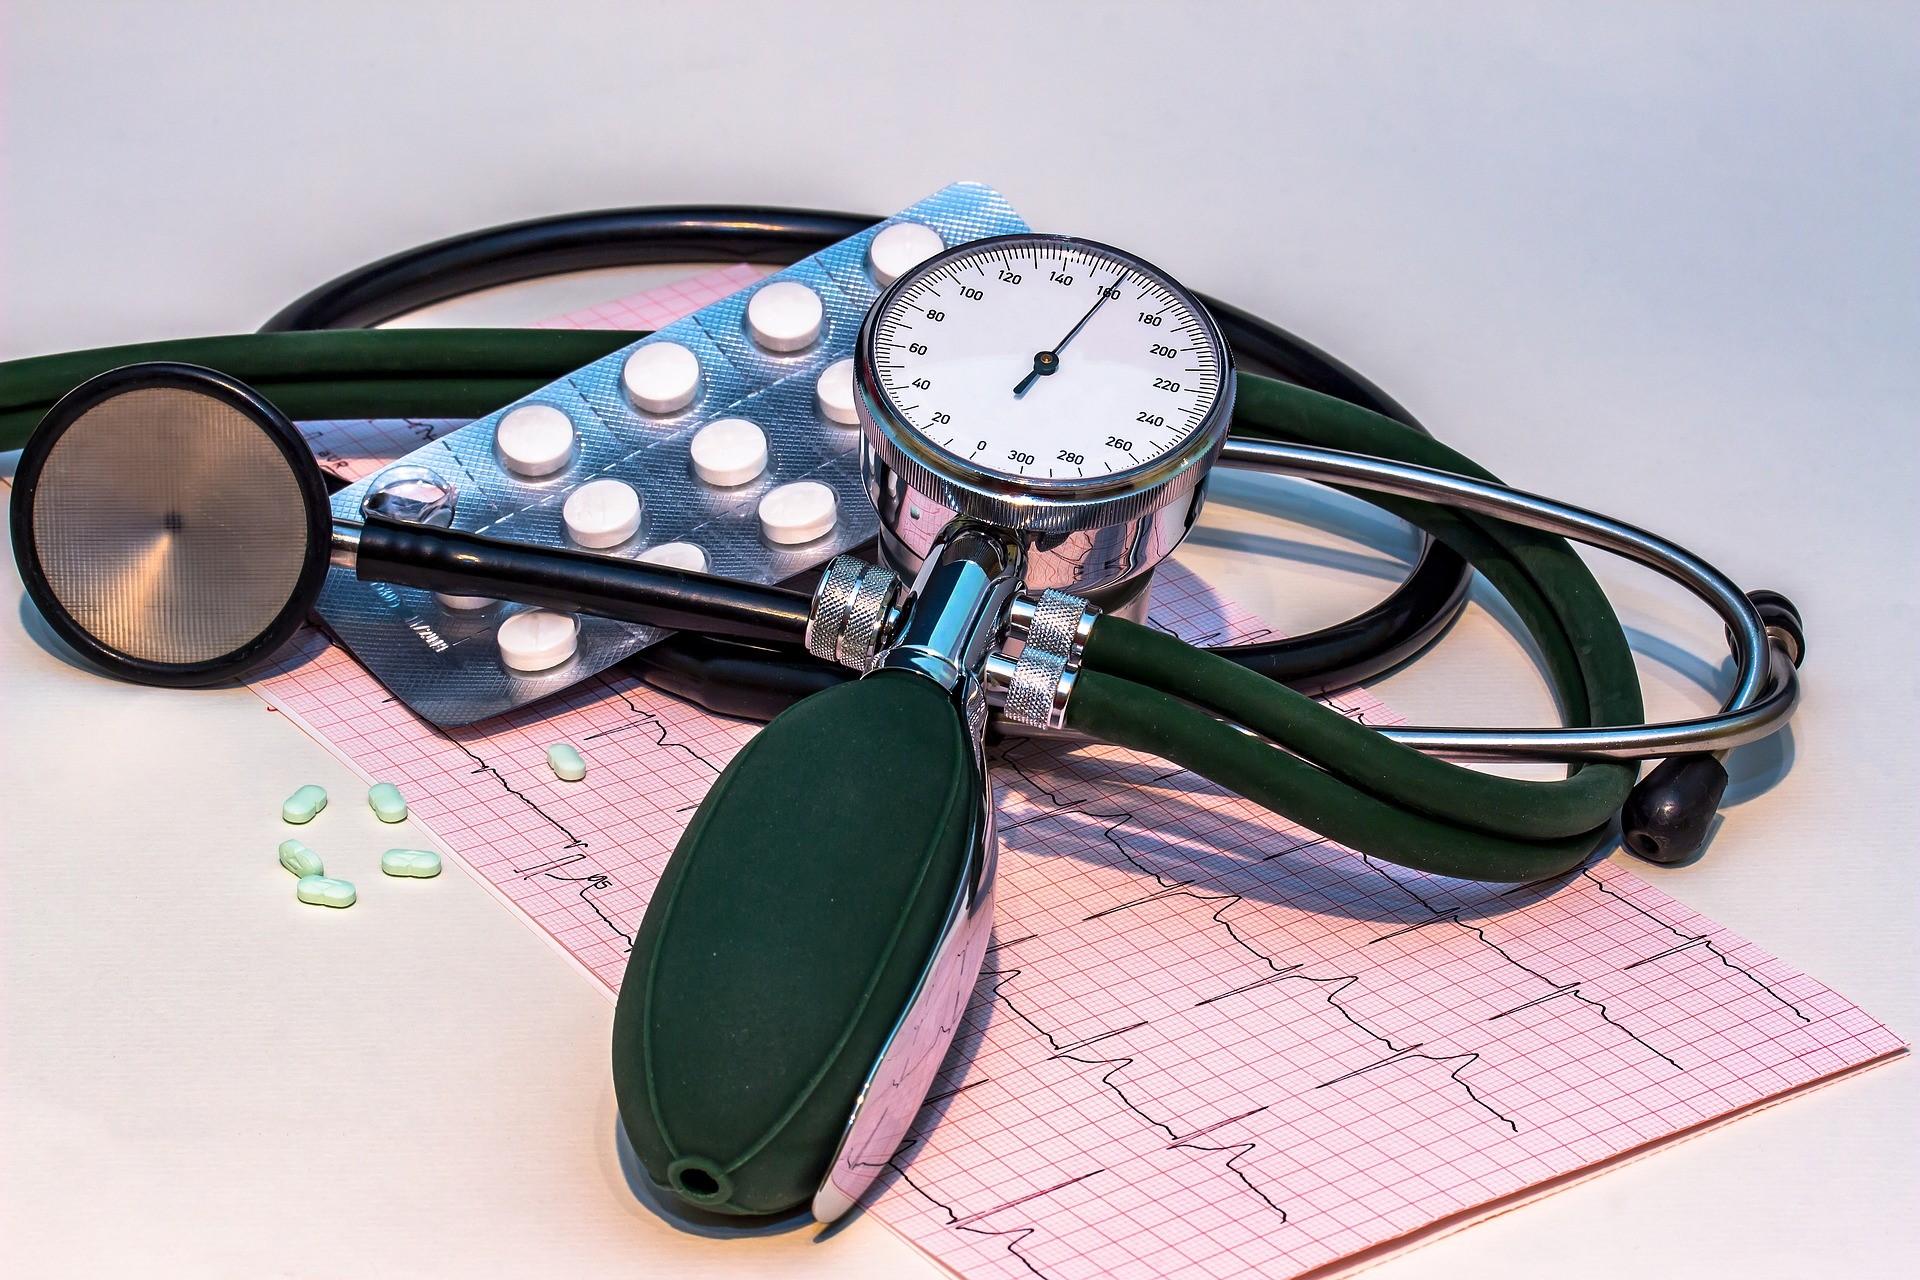 Arterinė hipertenzija: žinoti ir kontroliuoti, bet ne ignoruoti